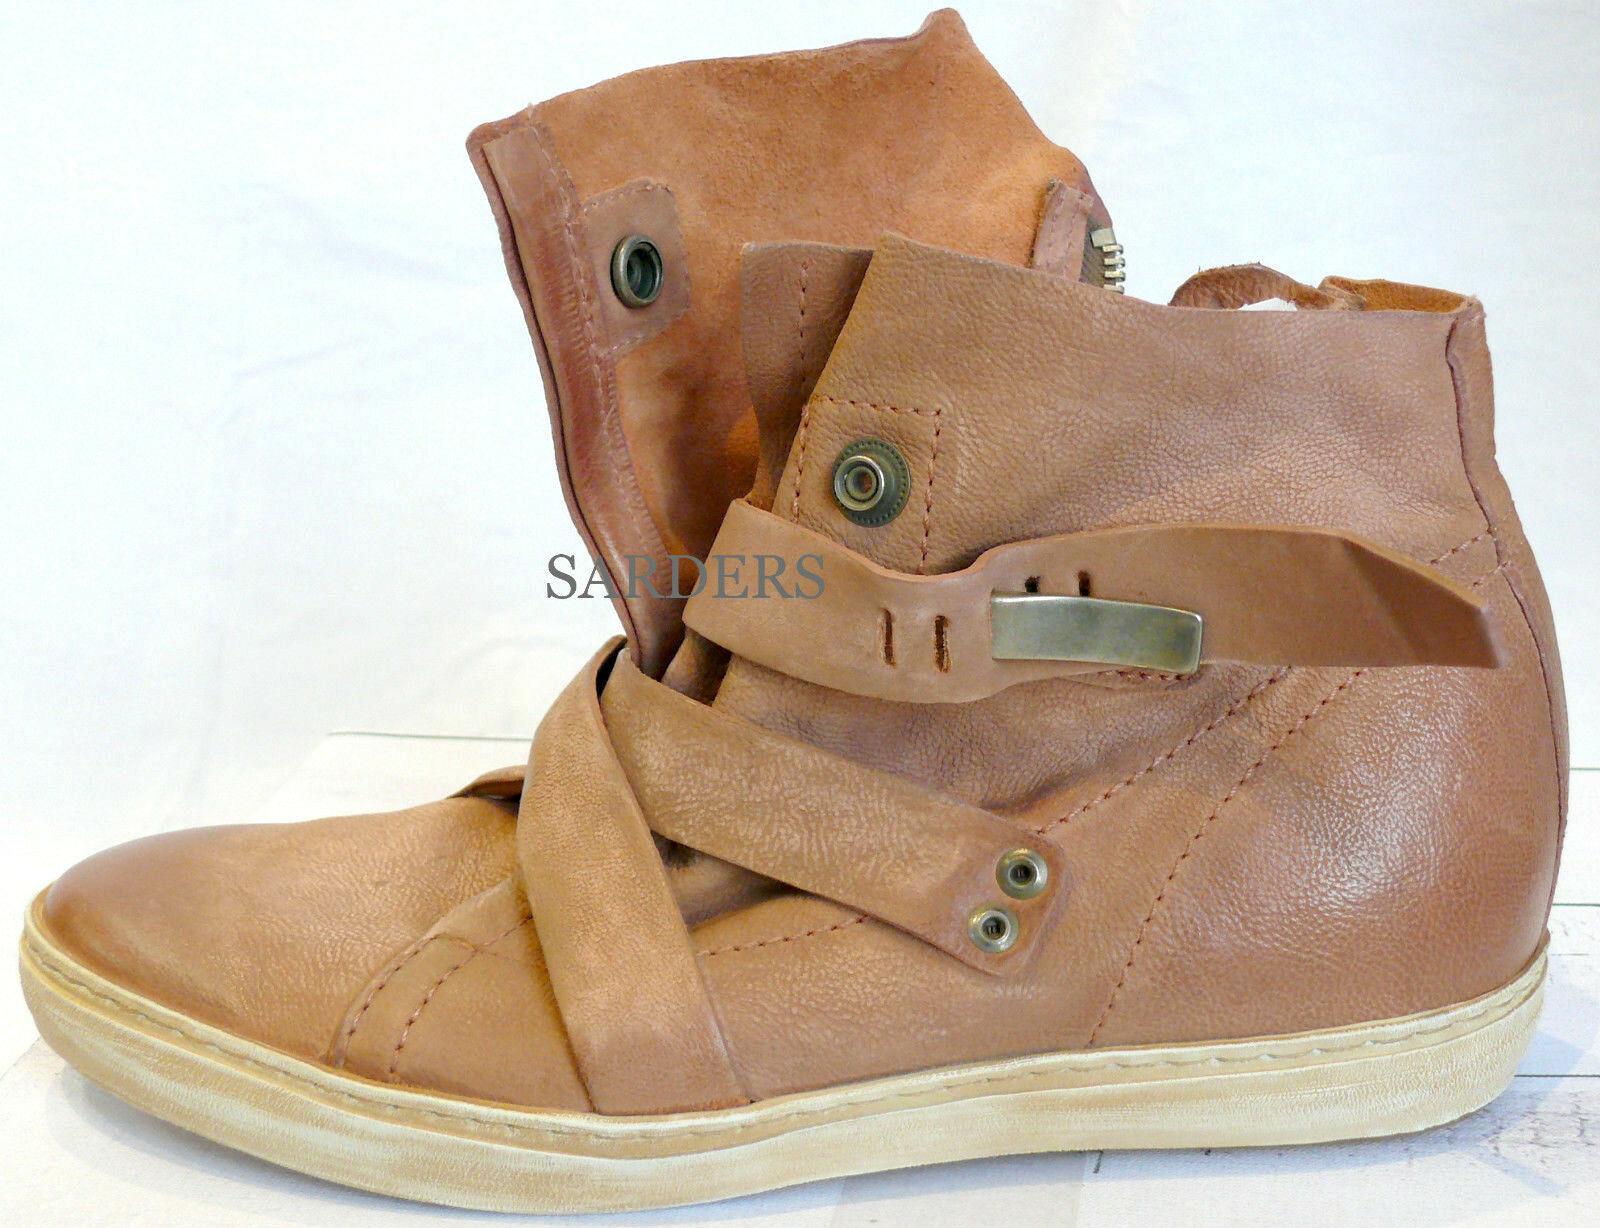 AIRSTEP  Stiefelette 36 37 40 41 42 Echt LEDER Boots pink Antik Stiefel NEU